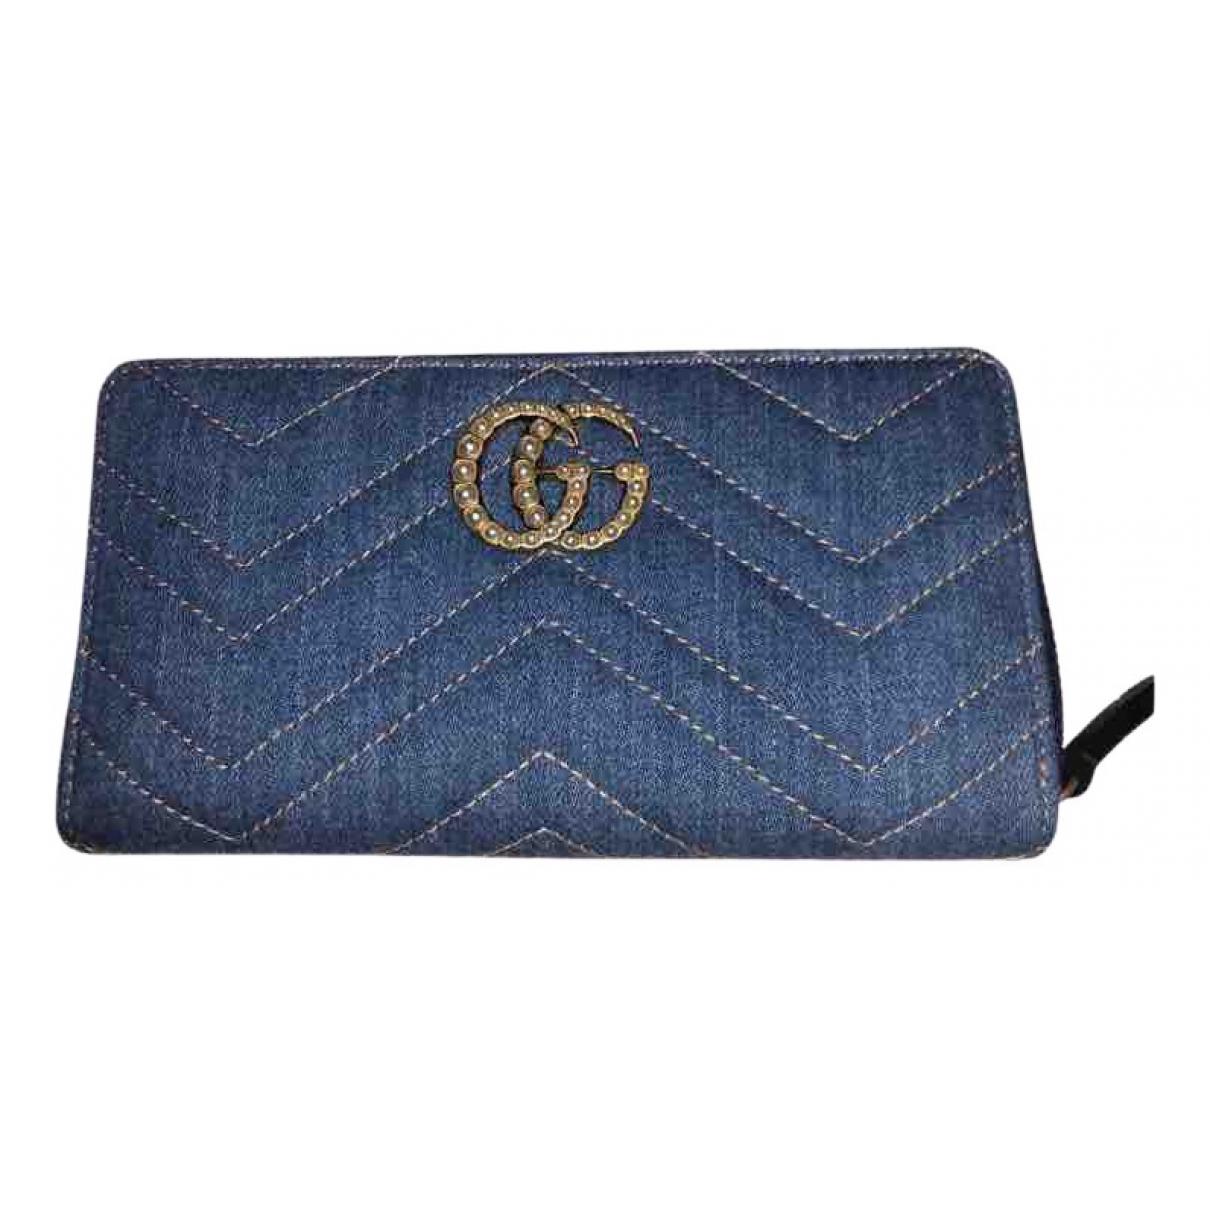 Gucci - Portefeuille Marmont pour femme en denim - bleu